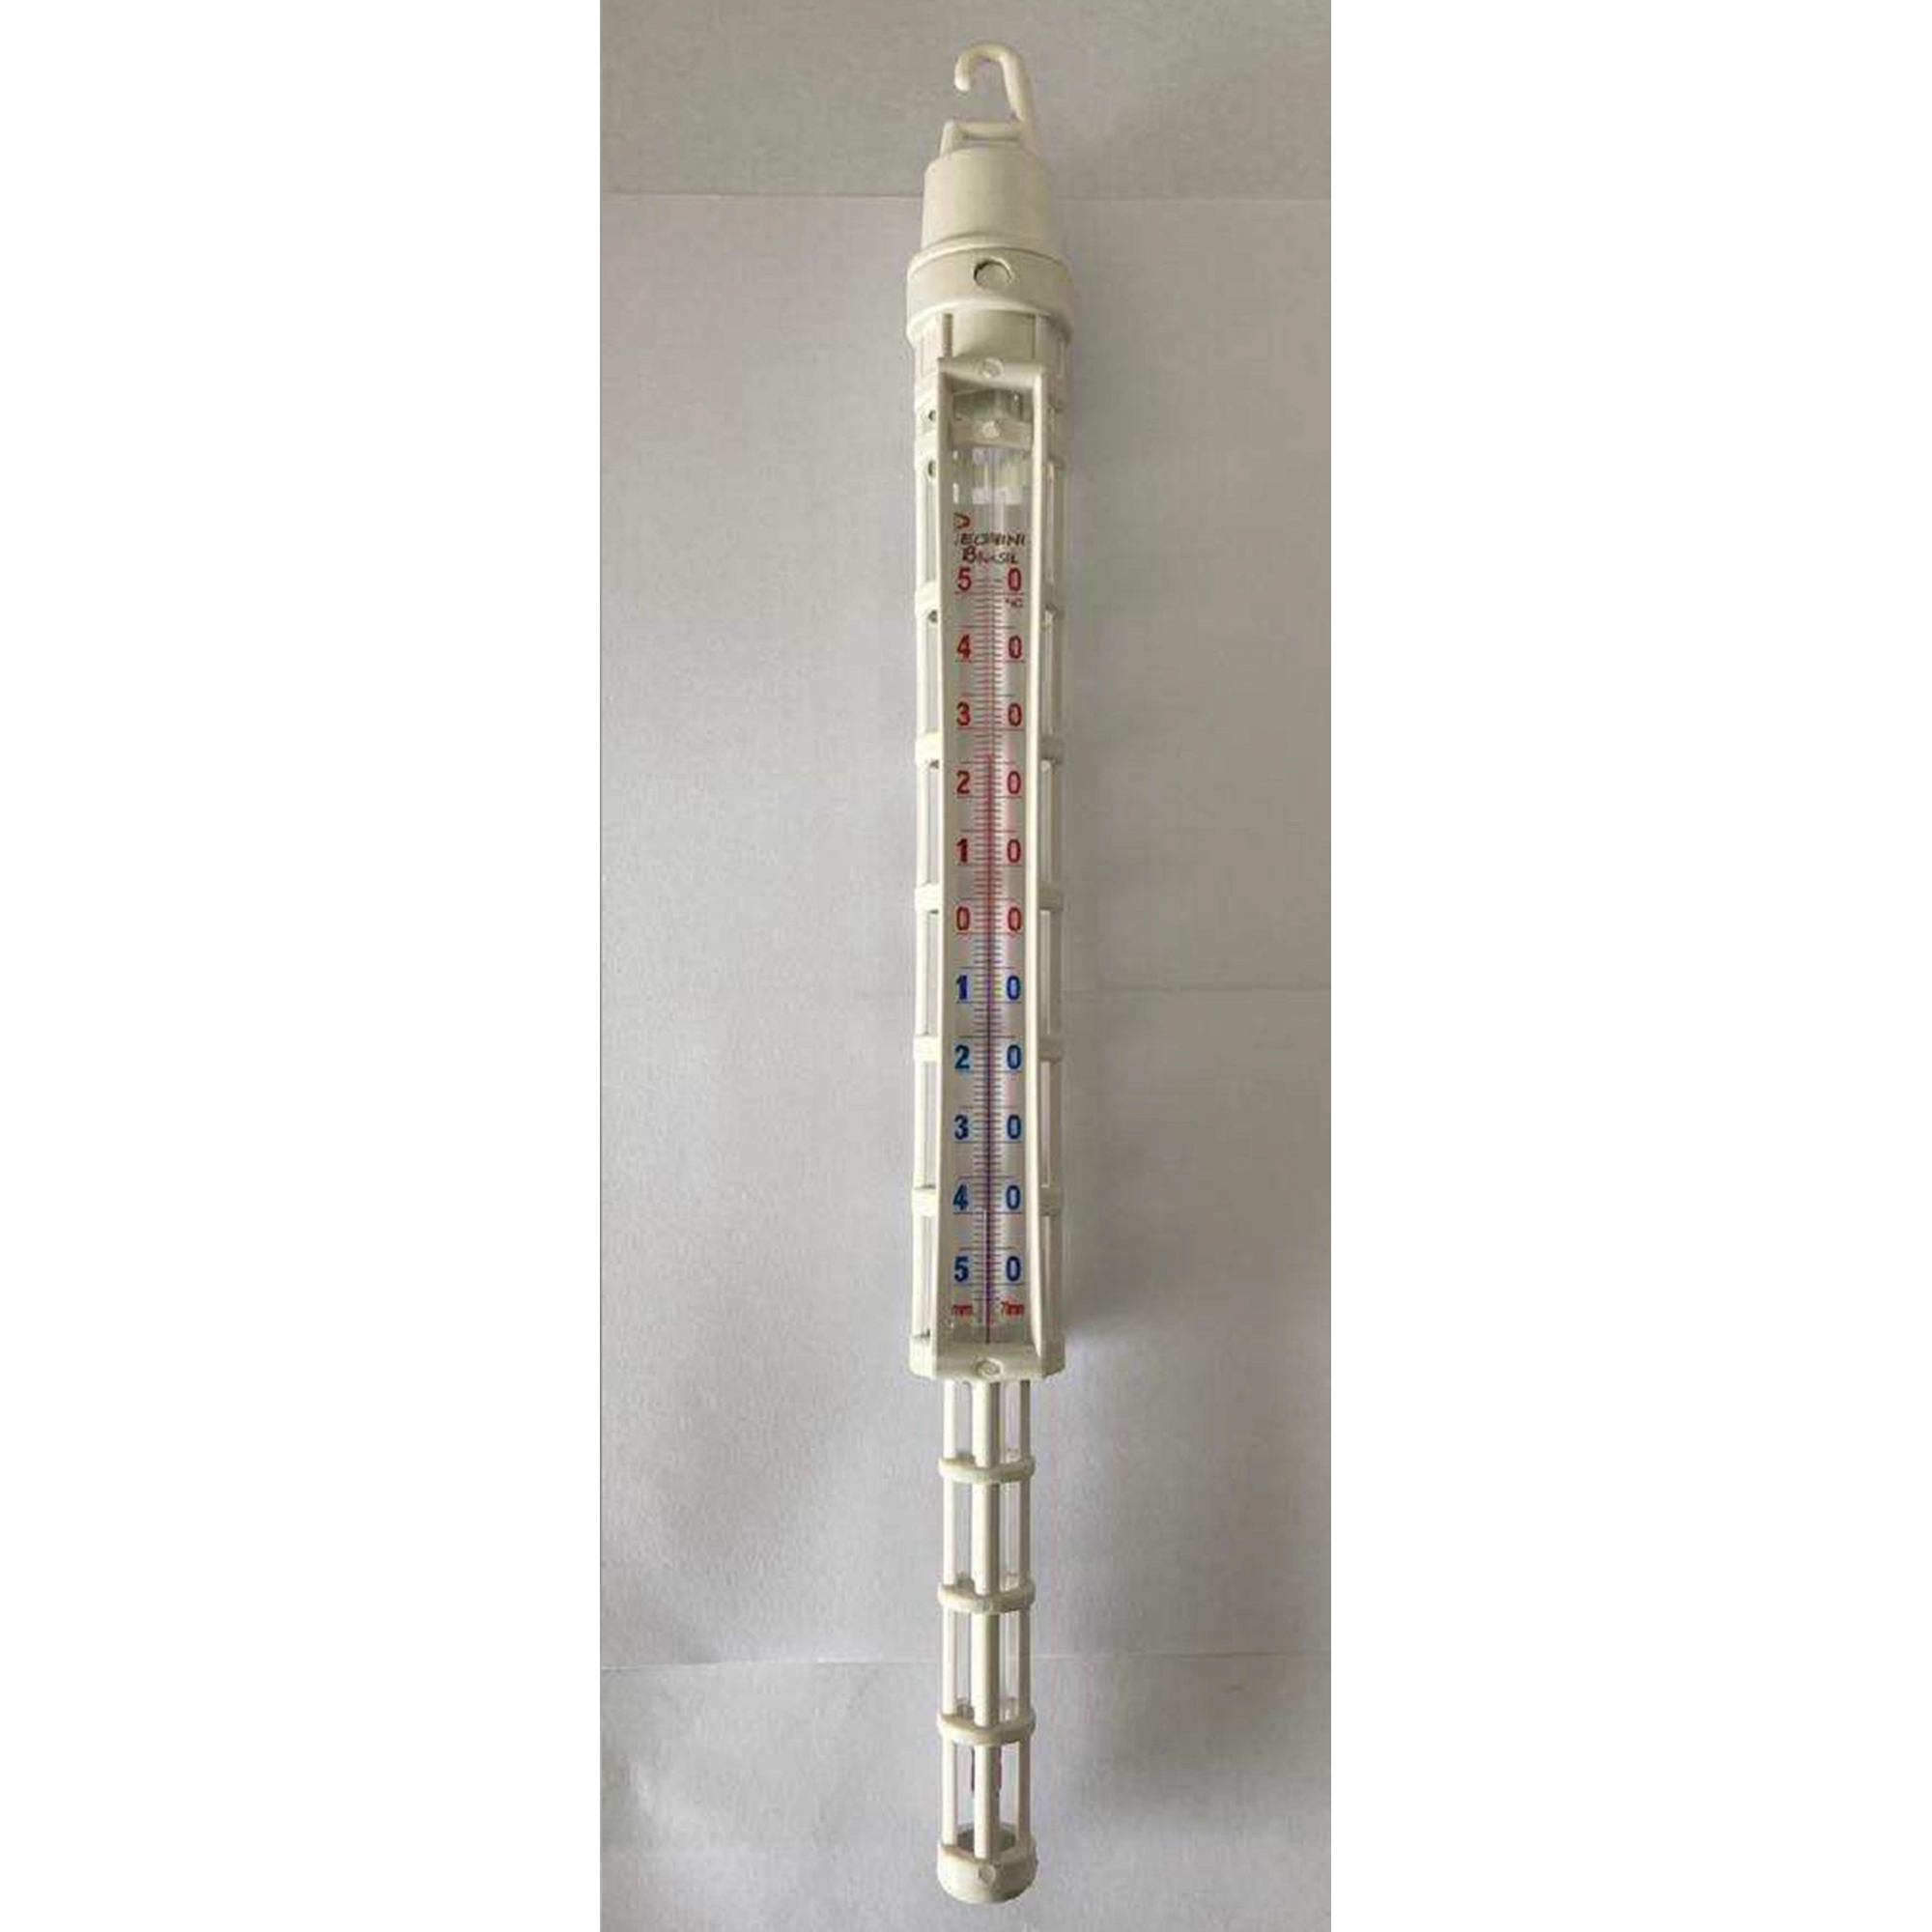 TERMÔMETRO ANALÓGICO PARA (REFRIGERAÇÃO/LATICÍNIOS) - COM HASTE  -40 a 50°C - Laborglas - Cód. 9713101